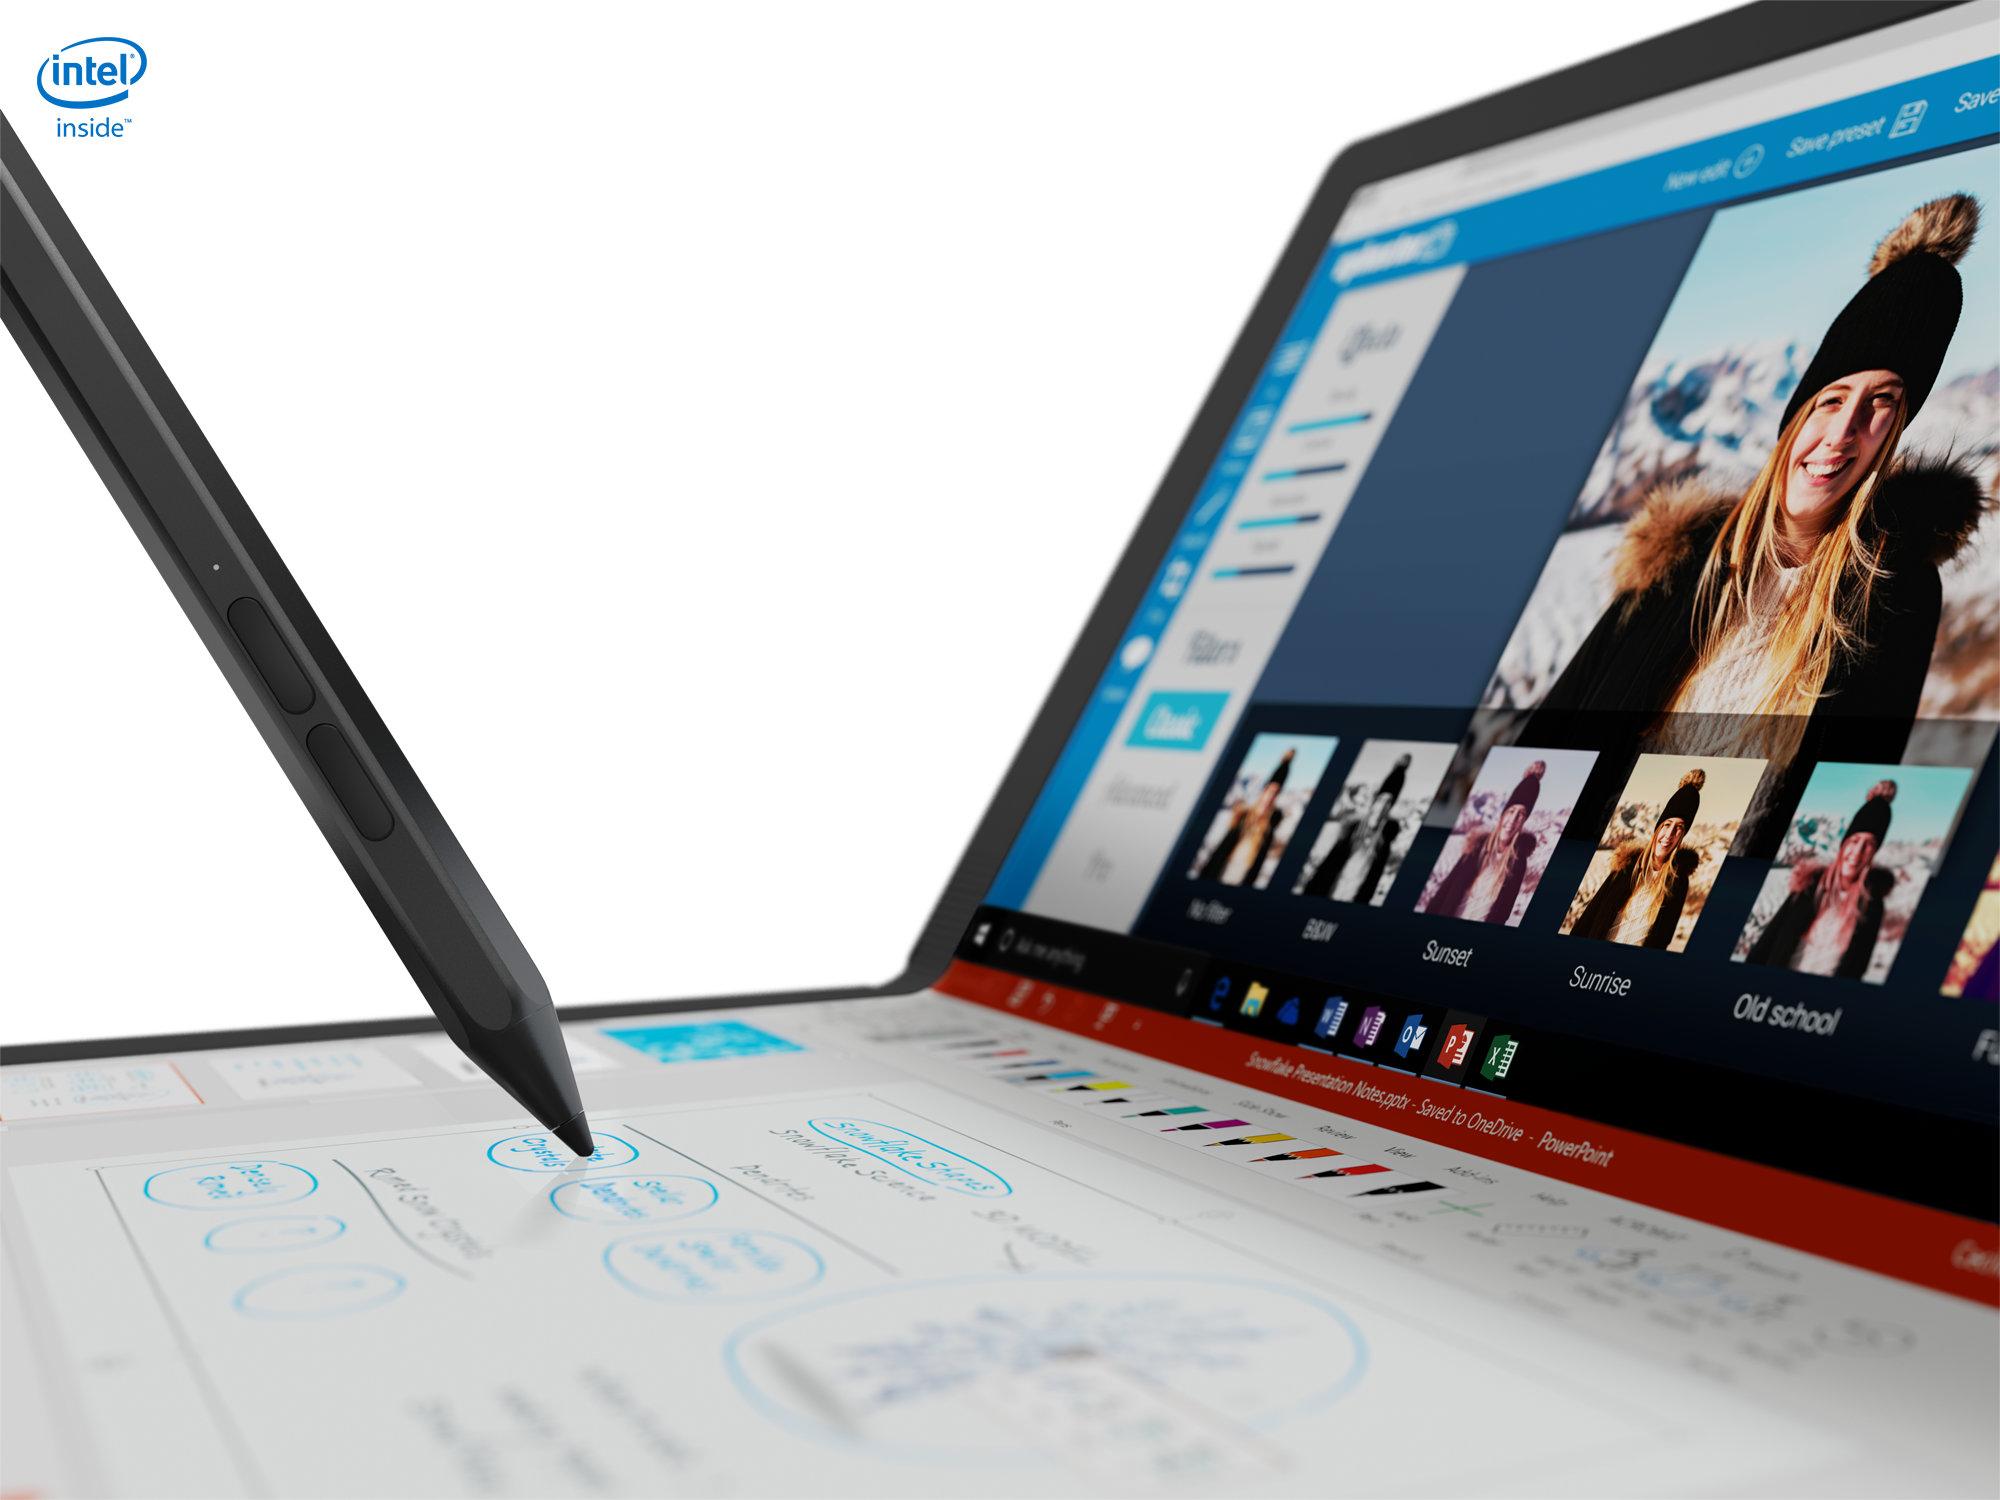 Lenovo ThinkPad X1 Fold : le premier PC à écran pliable est là